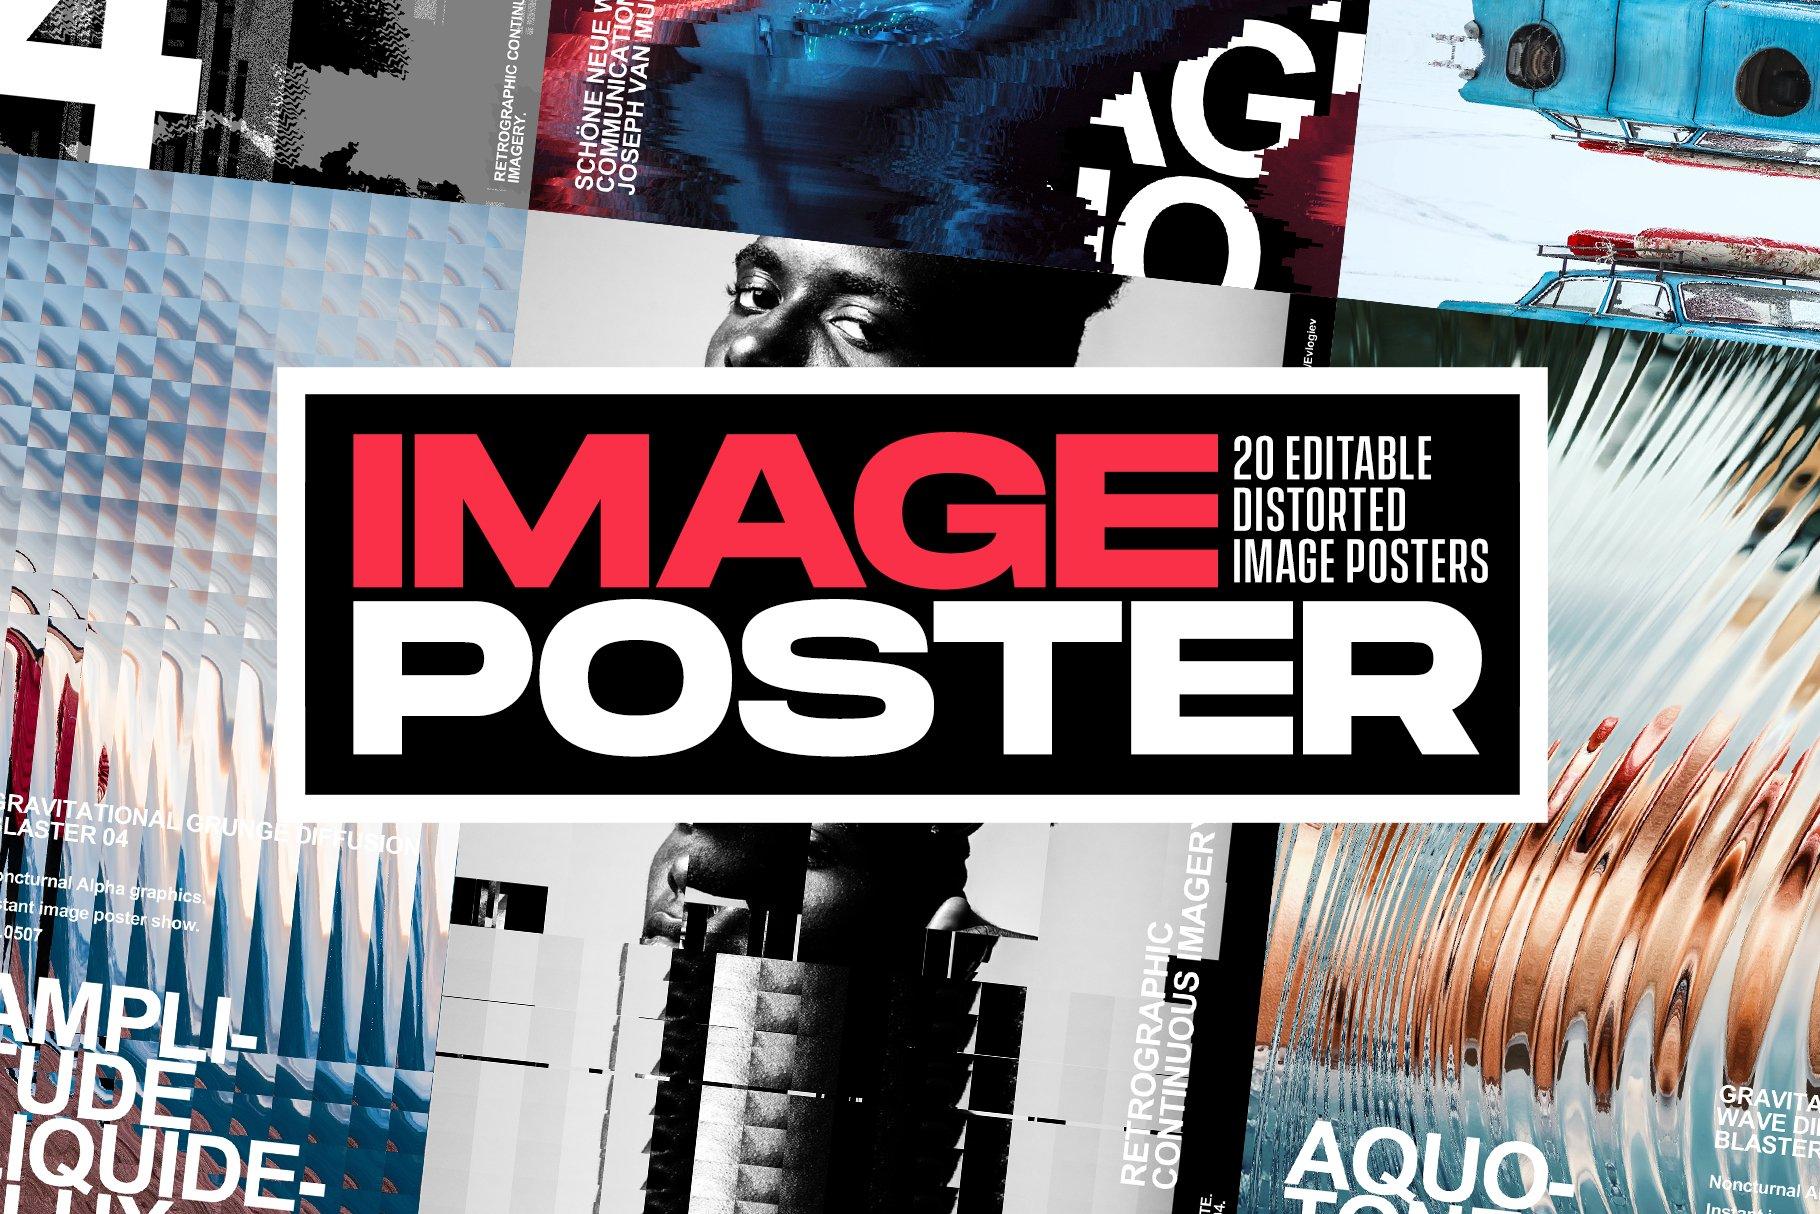 [淘宝购买] 20款抽象扭曲故障主视觉海报图片设计效果PS样式模板 Evlogiev – Distort Image Poster插图